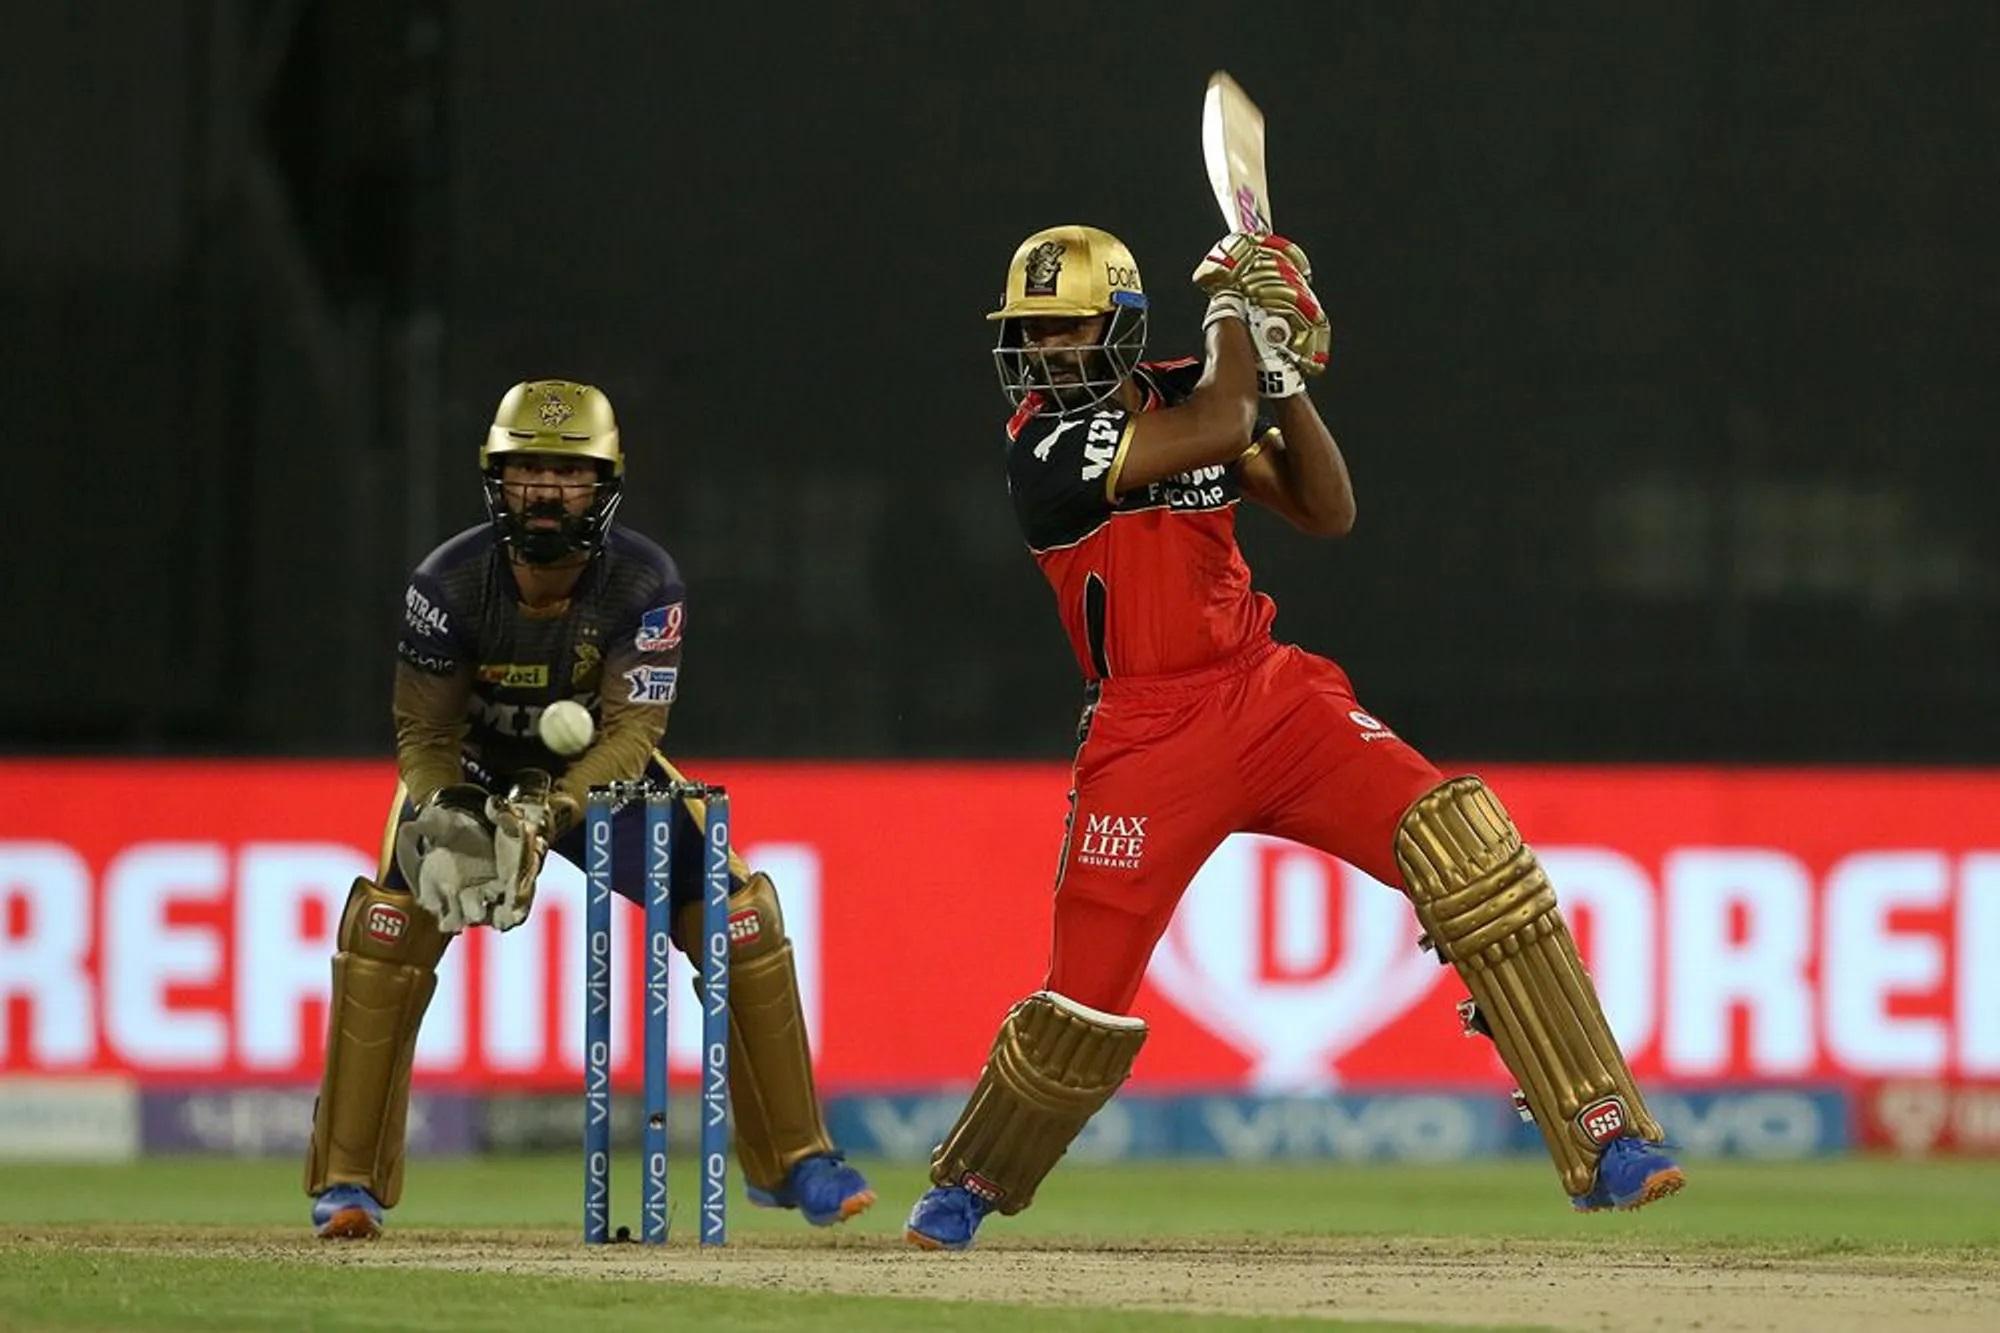 कोहली की विदाई को दुखदाई बनाने वालों में उनकी टीम के एक बैट्समैन का भी नाम है। वो हैं केएस भरत। वो वन डाउन खेलने आए थे। उस वक्त बेंगलुरु एकदम लय में बैटिंग कर रही थी। सिर्फ 5 ओवर में 49 रन बन चुके थे, लेकिन भरत आए और उन्होंने 16 गेंद में 9 रन की एक बेहद धीमी पारी खेली। नतीजा यह कि एक एंड पर कोहली खड़े रह गए और छठें, सातवें, आठवें और नौवें कुल चार ओवर में 1 भी बाउंड्री नहीं लगी। 10वें ओवर की चौथी गेंद पर भरत बाउंड्री लगाने के चक्कर में बाउंड्री लाइन पर ही कैच आउट हो गए।